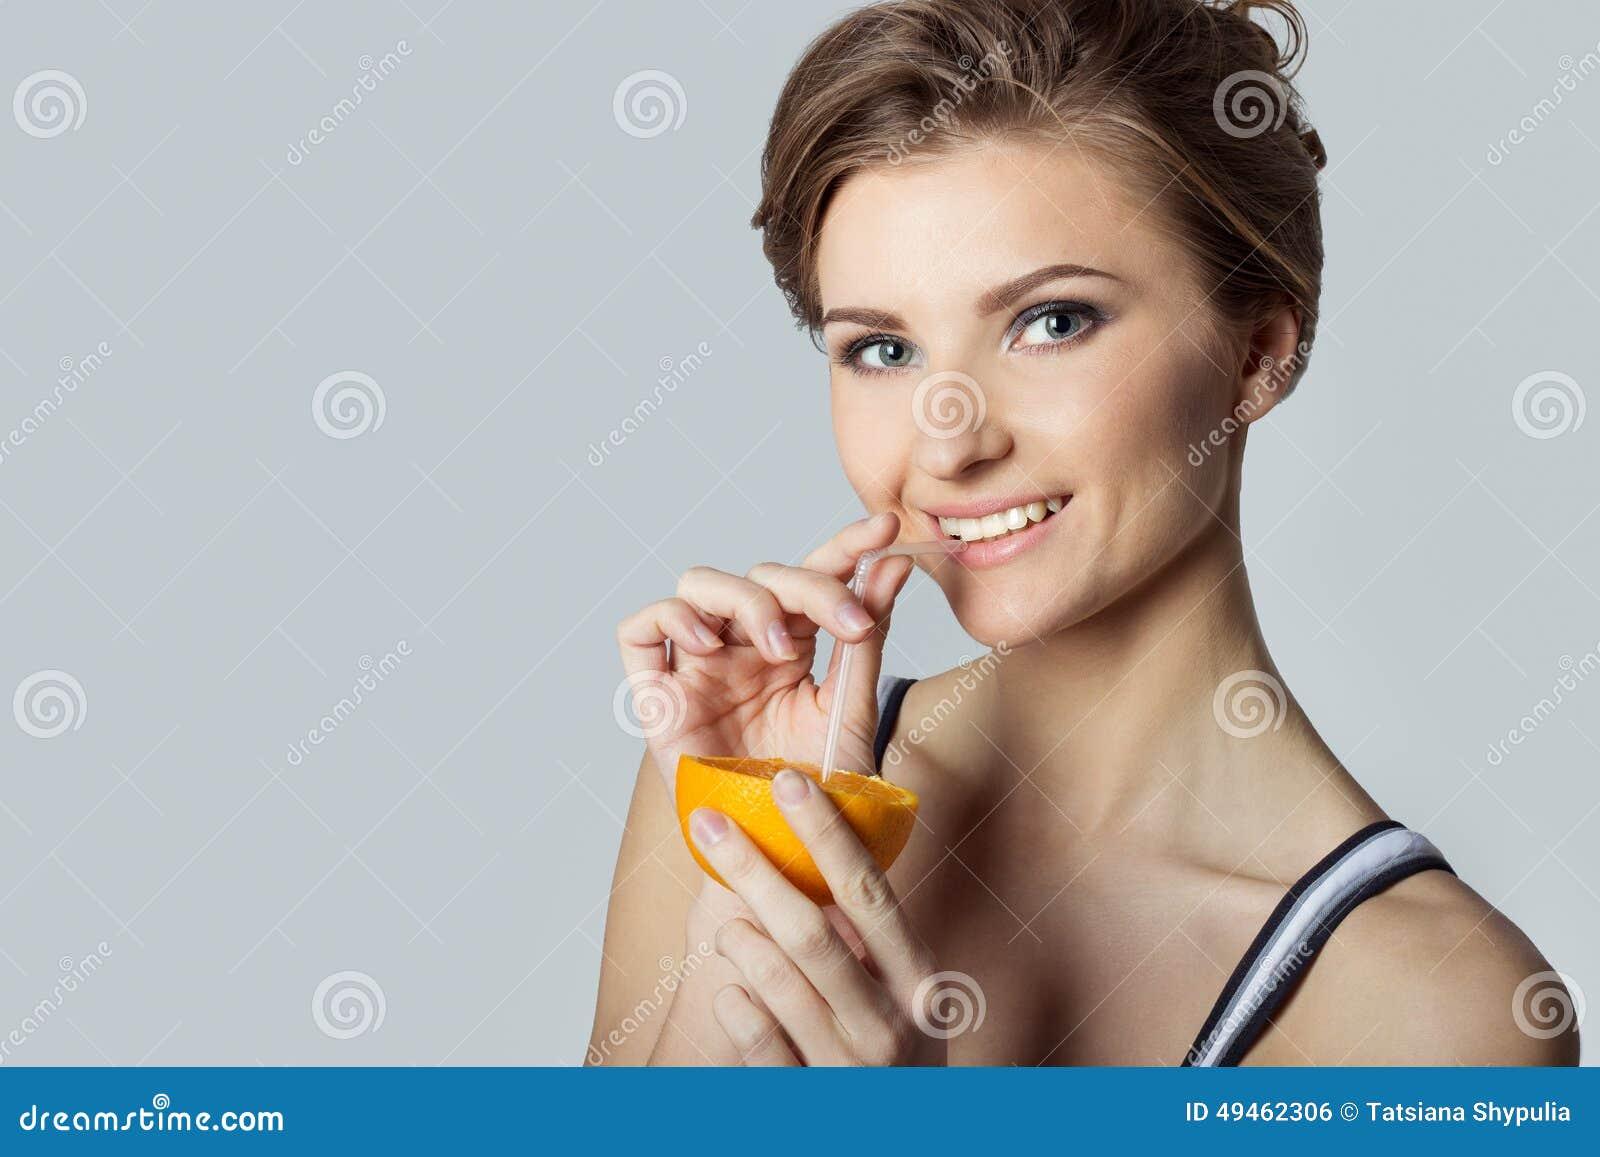 Pięknej młodej sportowej dziewczyny energiczny szczęśliwy pije sok pomarańczowy, zdrowy styl życia